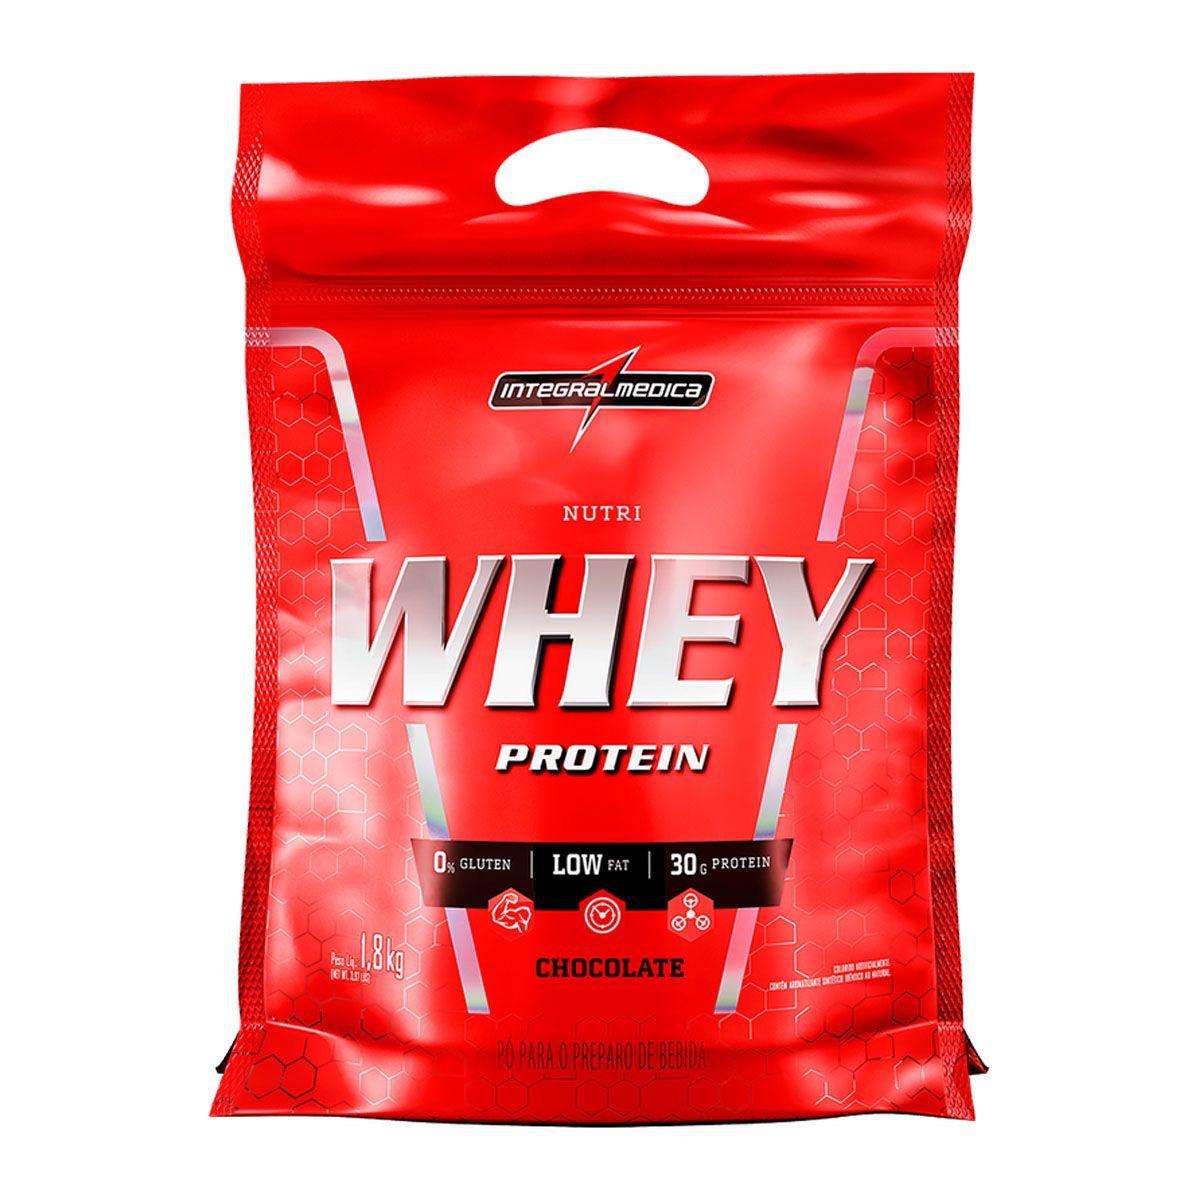 Nutri Whey 1,8kg - Integral Médica